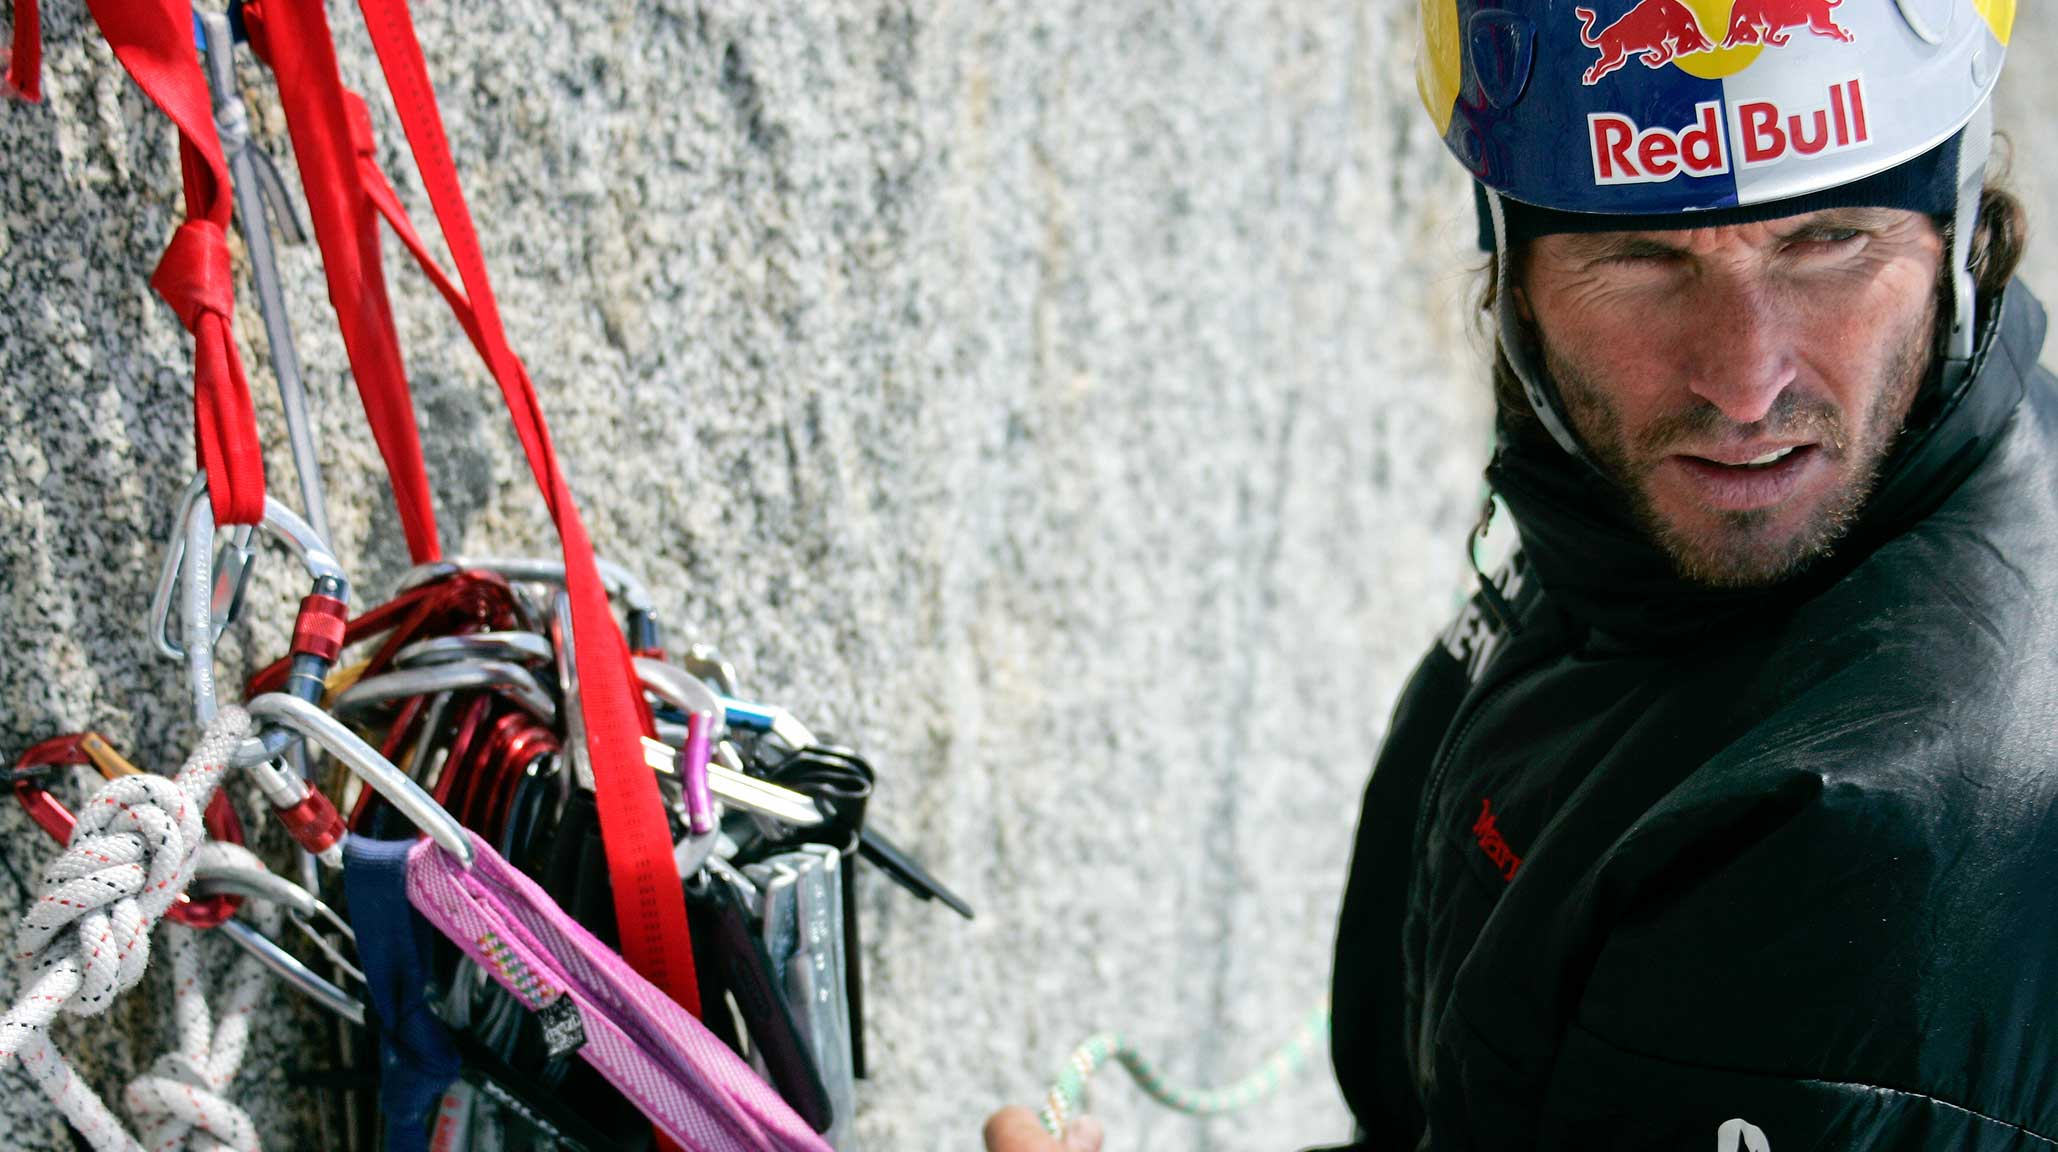 Stefan Glowacz beim Klettern an einer Steilwand